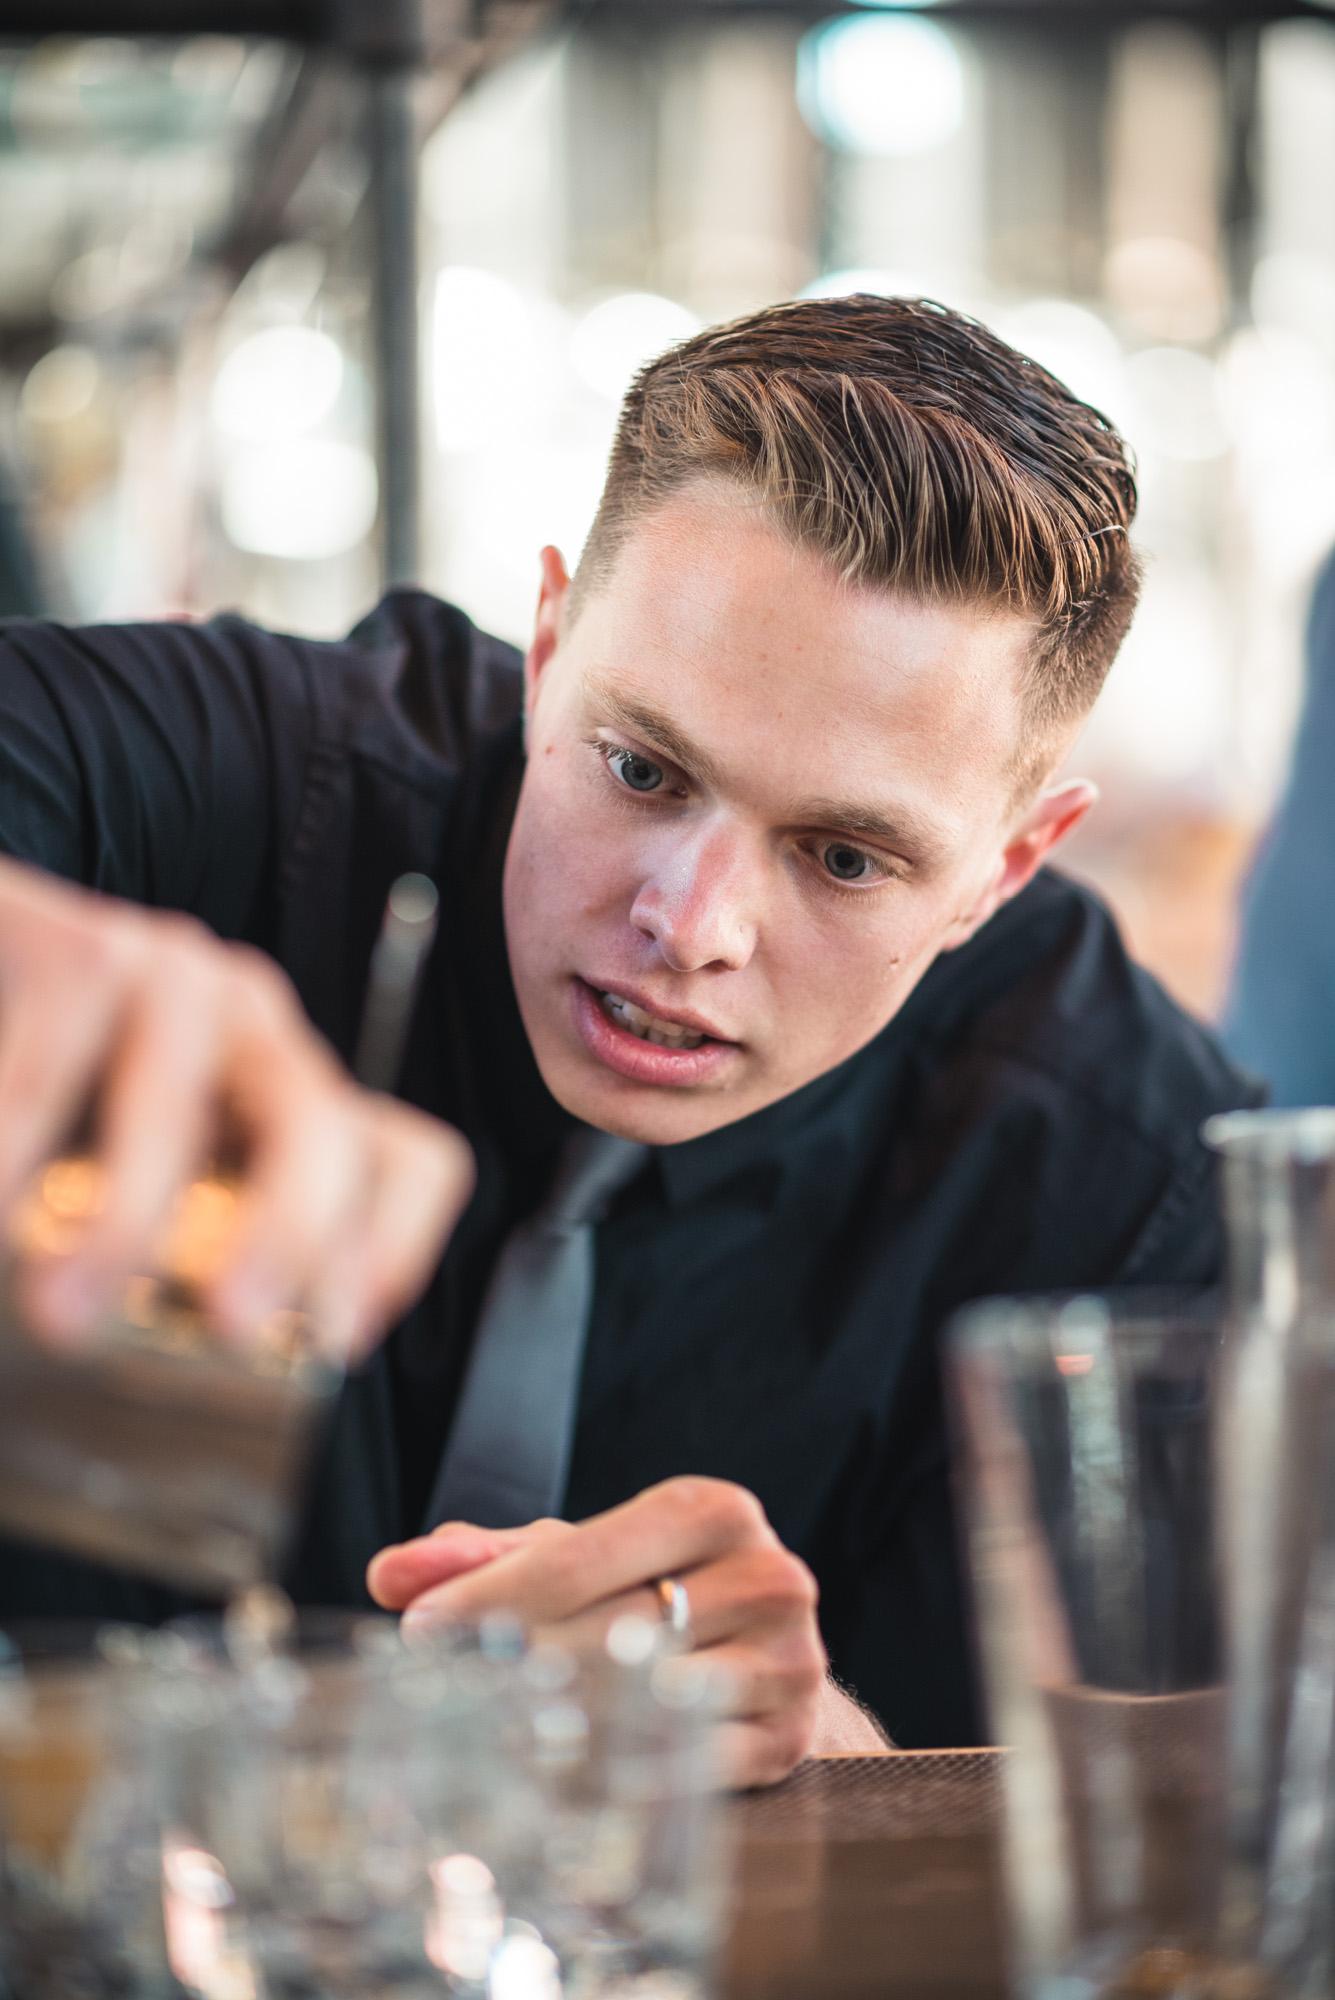 Bartender making shots at the bar